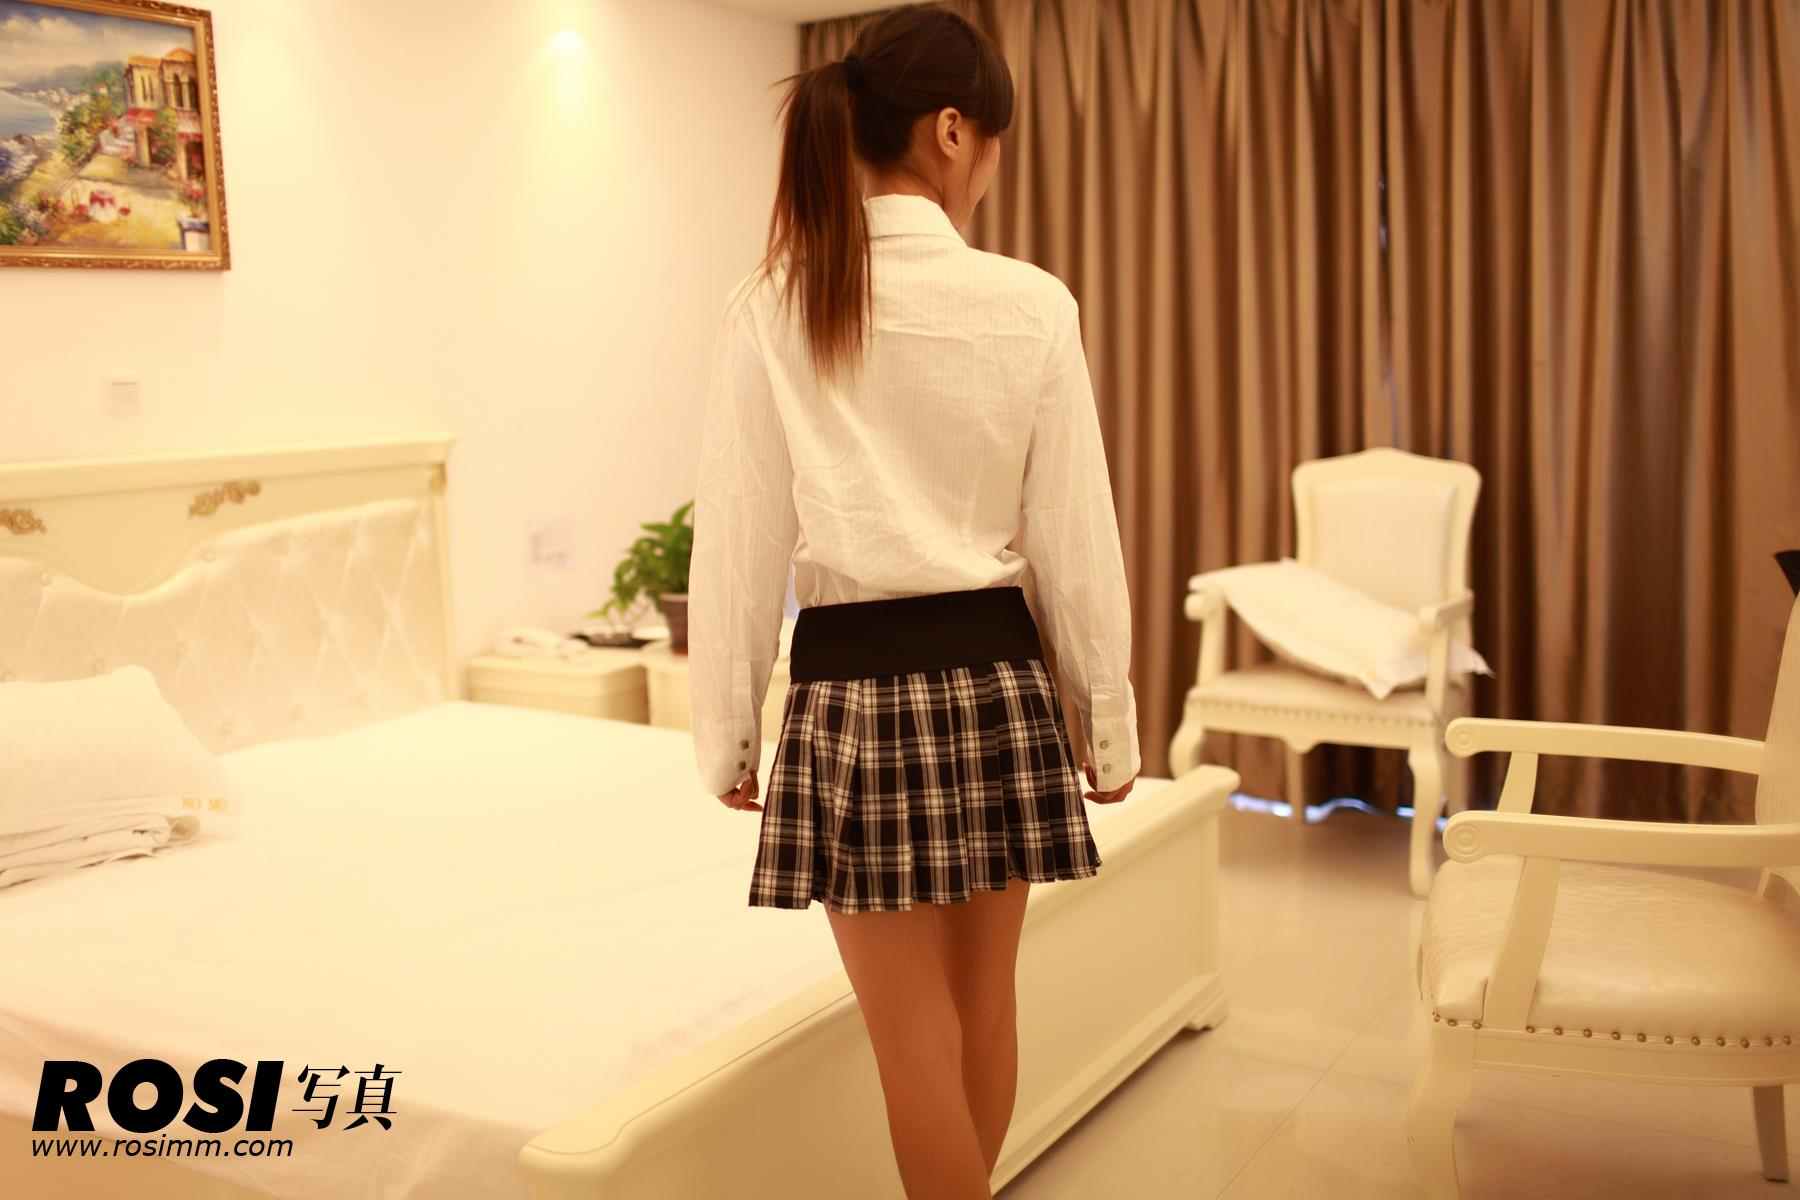 [ROSI写真]No.106 性感小美女白色衬衫加格子短裙私房写真集